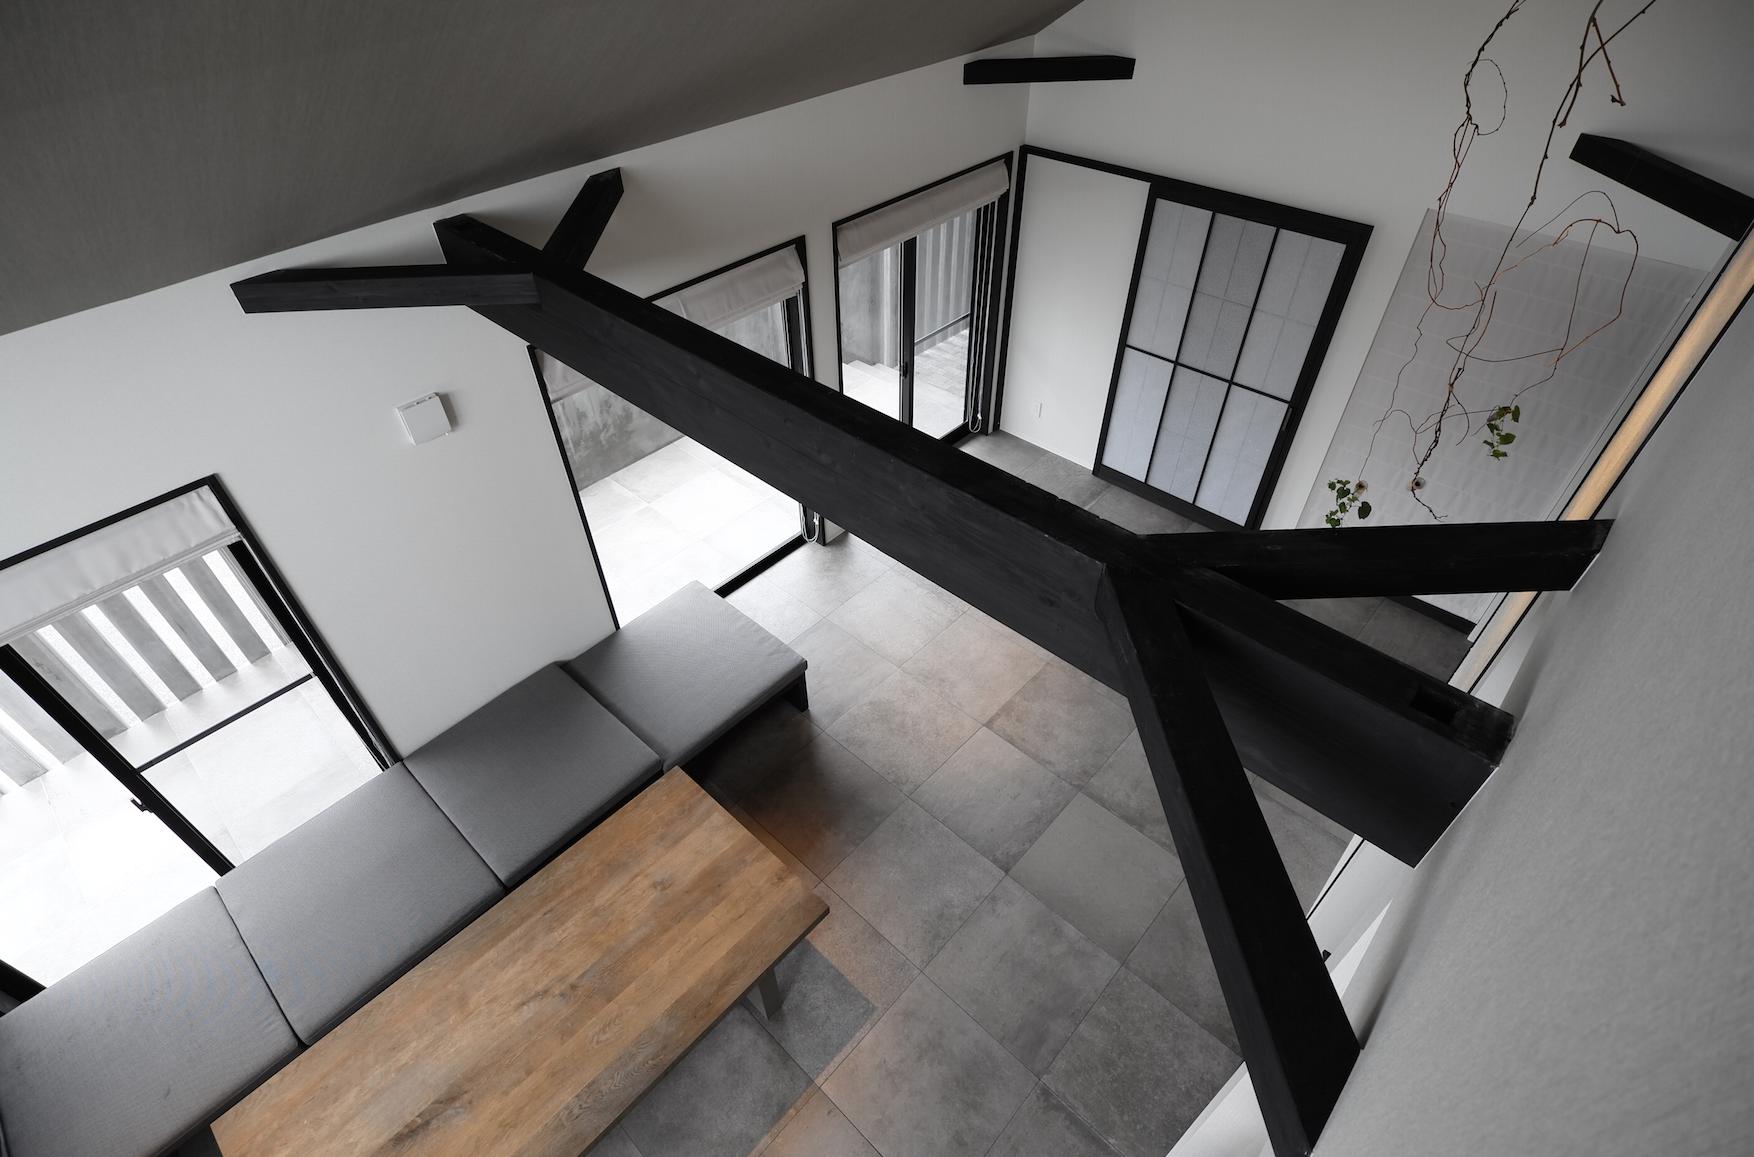 吹き抜けリビング空間のある家の建築事例写真